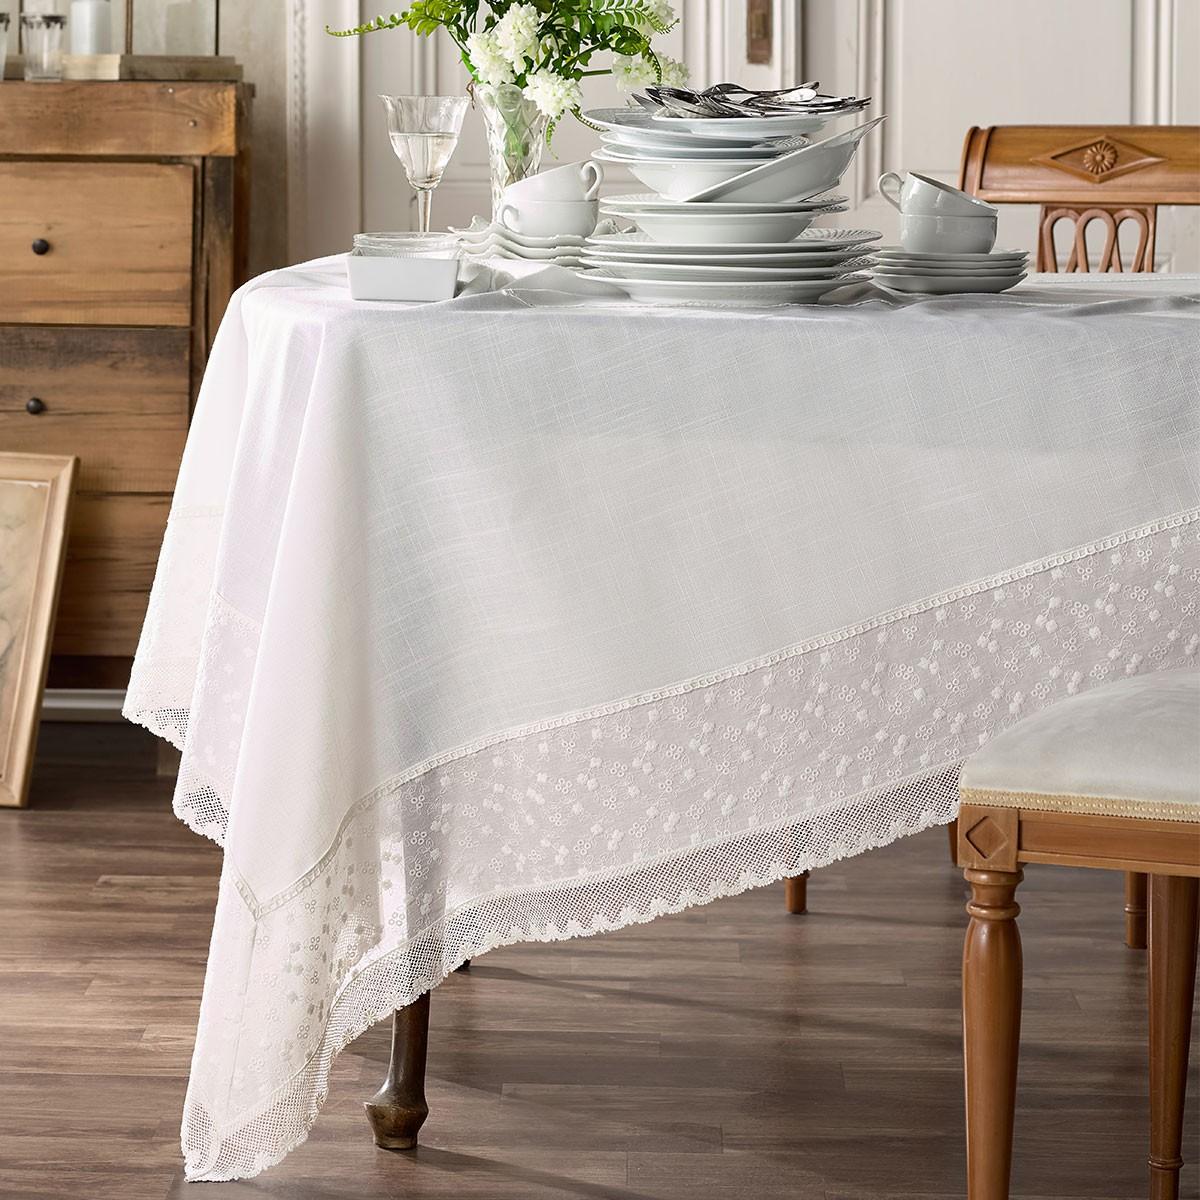 Τραπεζομάντηλο (150×310) Gofis Home Veil 326/05